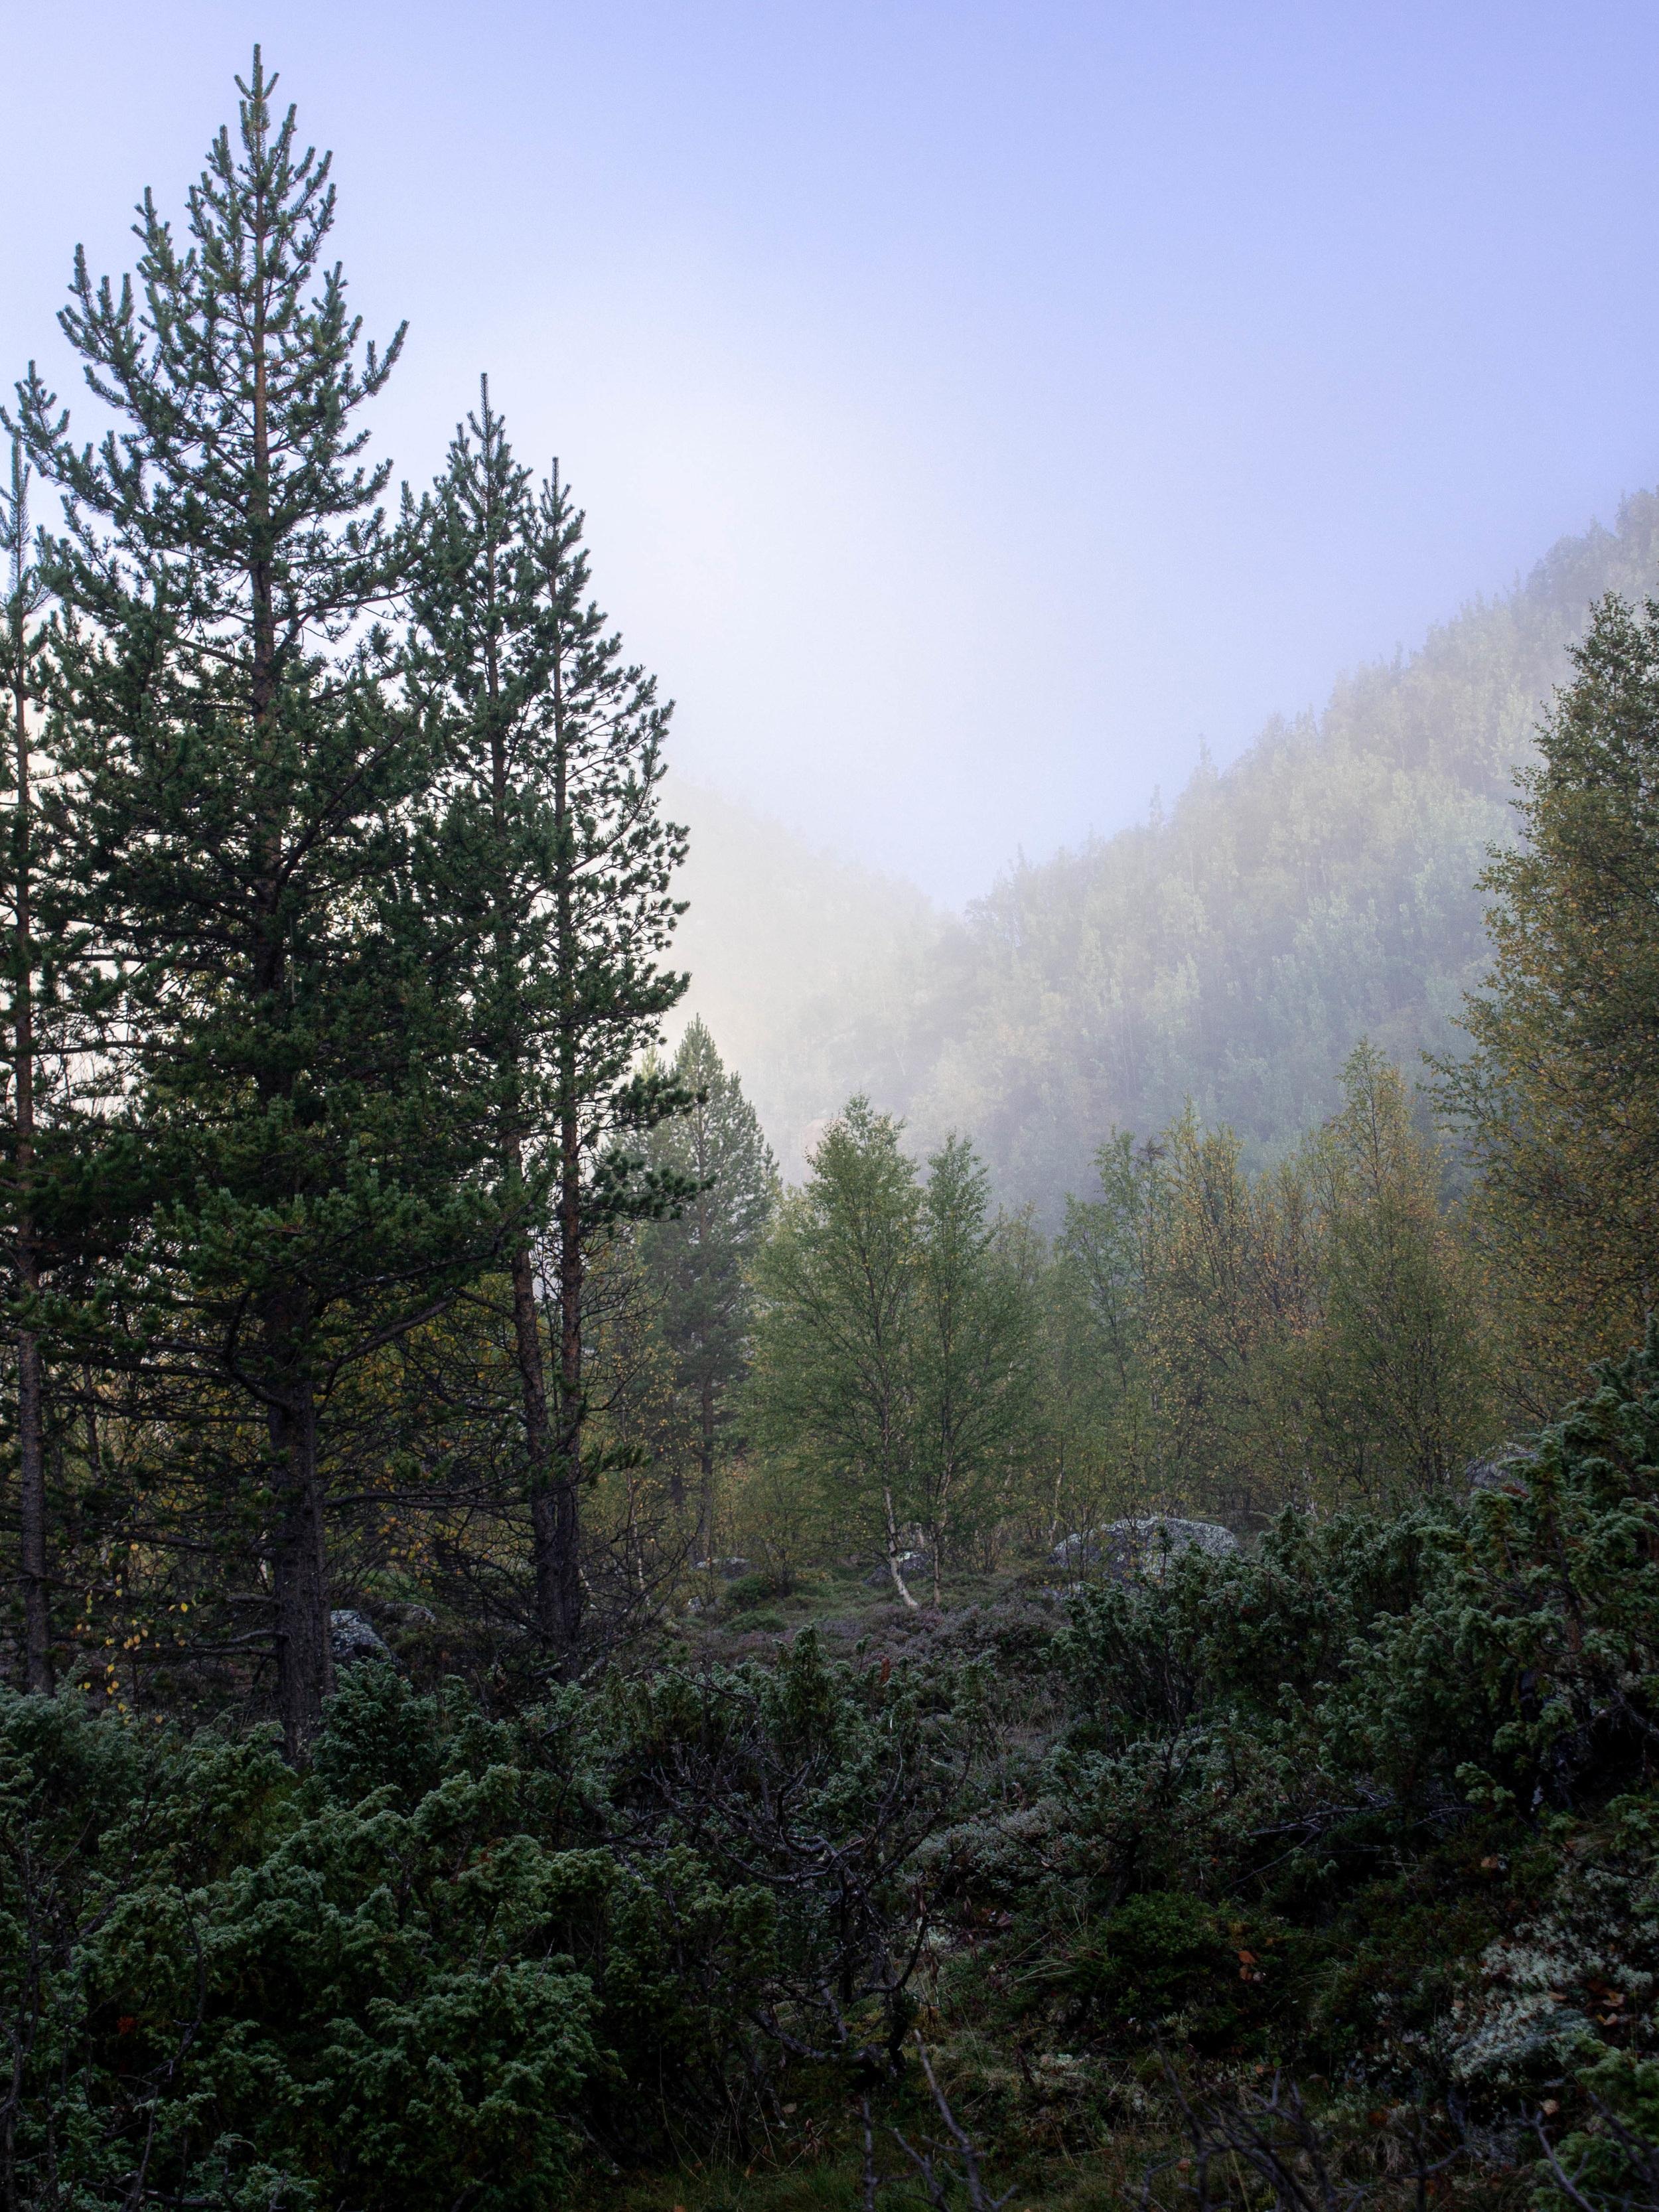 Aamu-usvaa Fiellun putouksen telttapaikalla kolmannen vaelluspäivän aamuna.